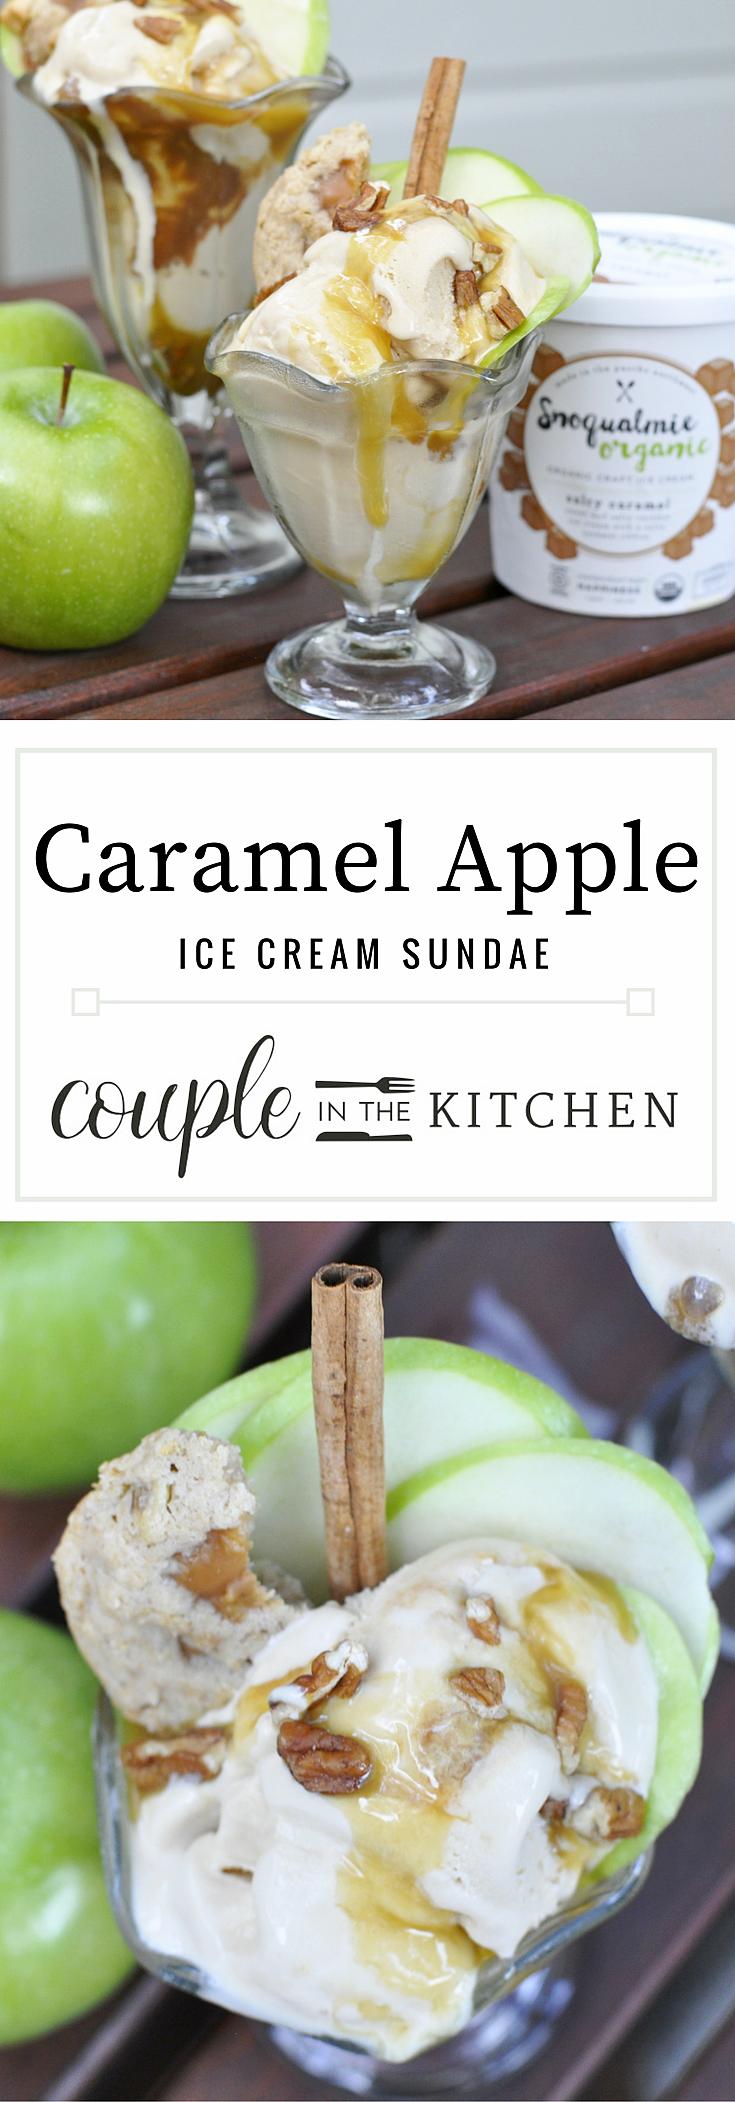 Caramel Apple Recipe | Caramel Apple Ice Cream Sundae Idea | coupleinthekitchen.com